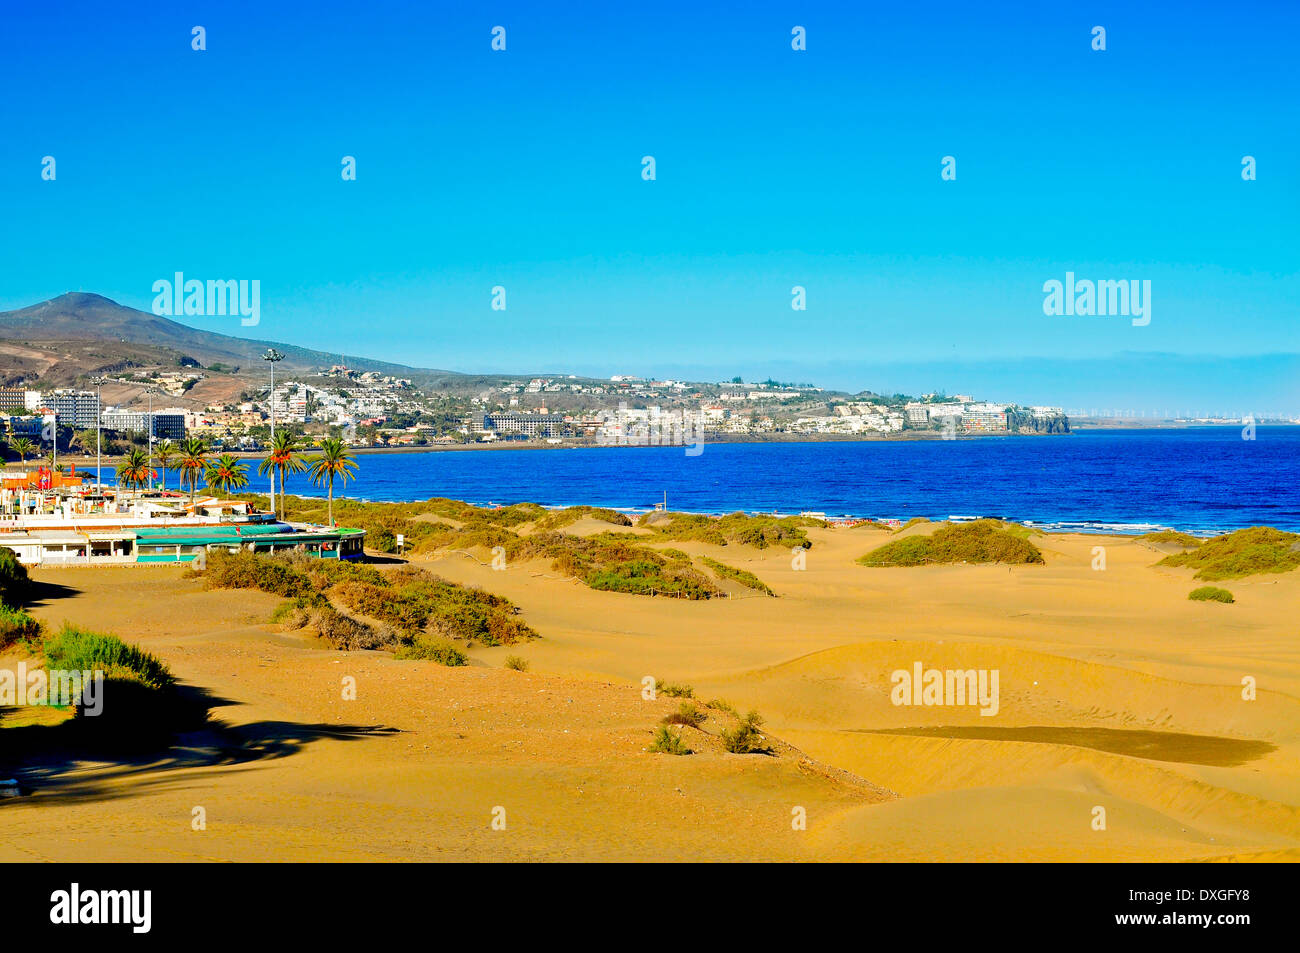 ein Blick auf Playa del Ingles in Maspalomas, Gran Canaria, Kanarische Inseln, Spanien Stockbild